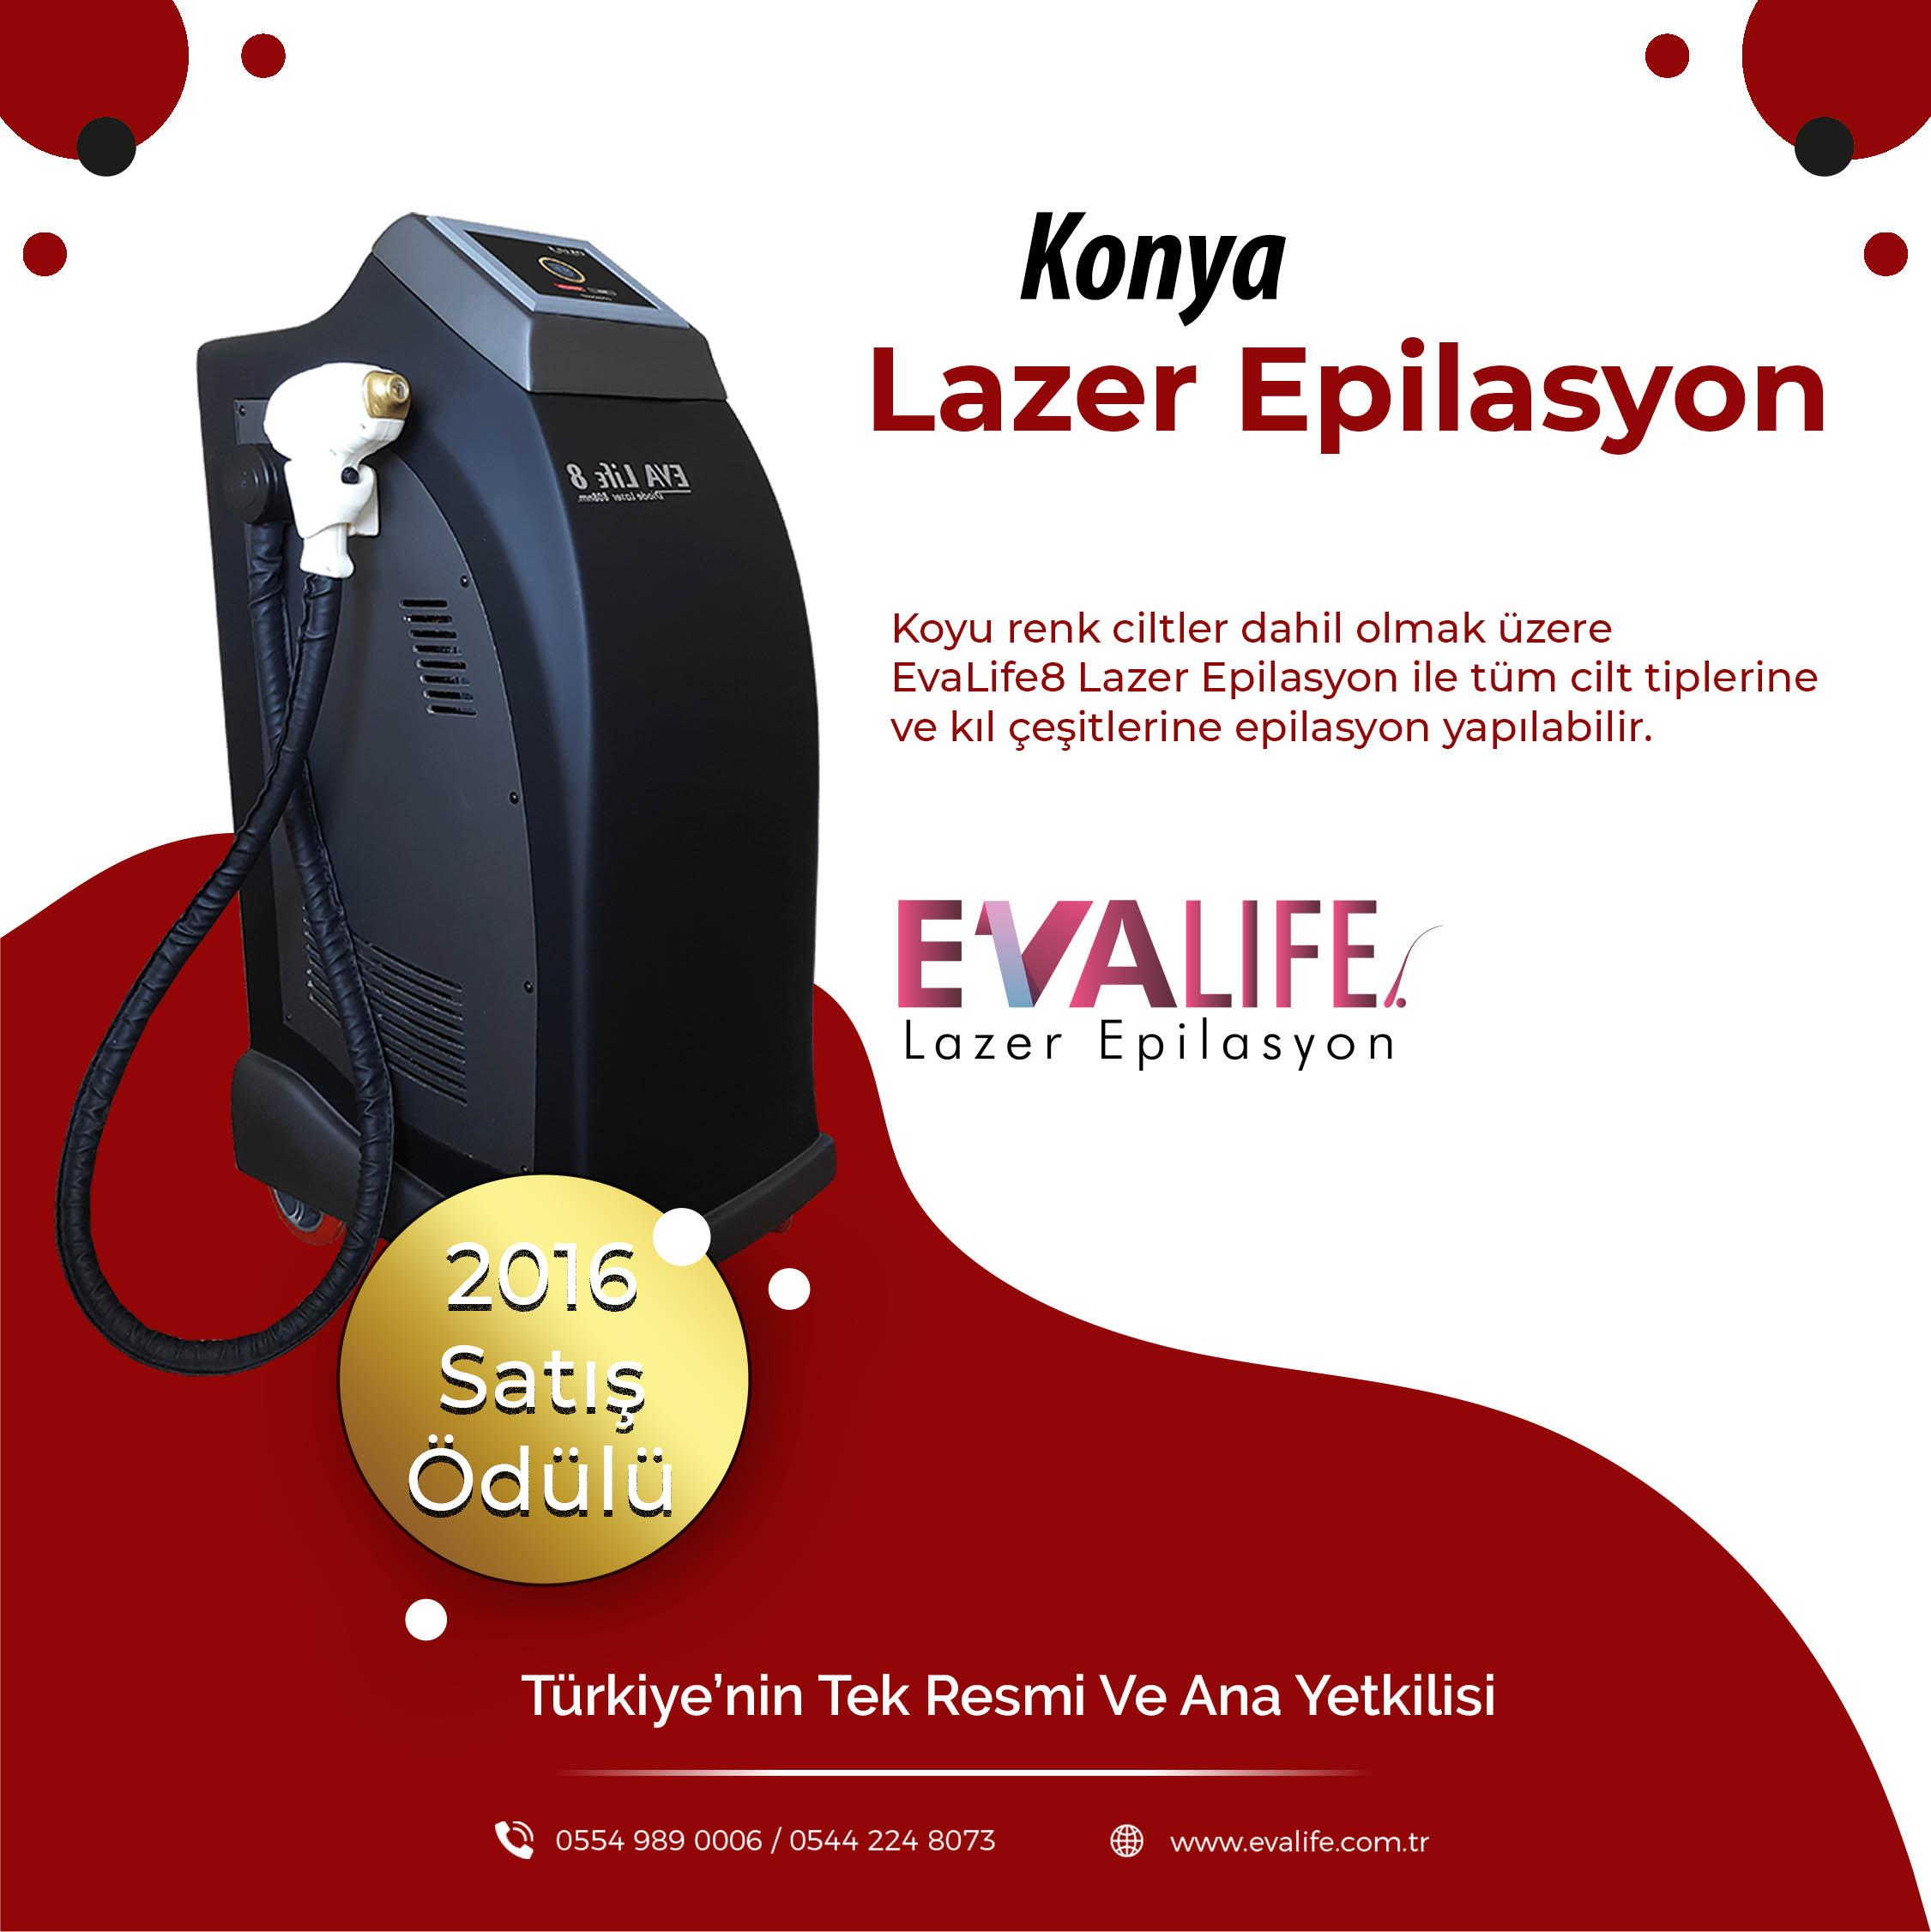 Konya Lazer Epilasyon